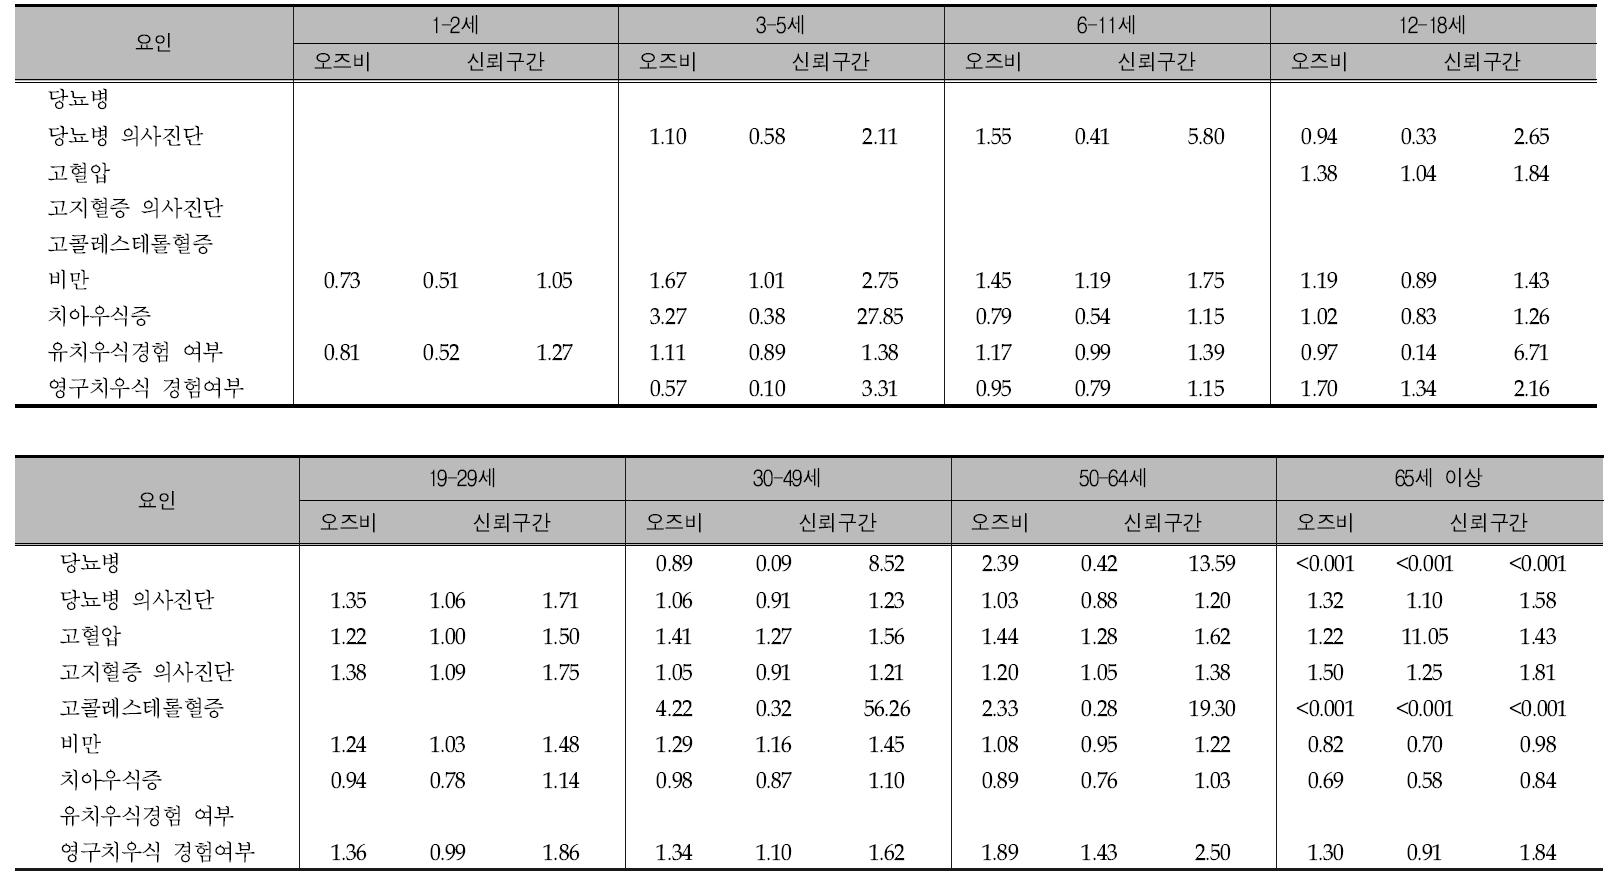 당류 에너지 섭취비율이 20% 이상자와 20% 미만인자의 질병별 오즈비 분석(연령별): 국민건강영양조사 2007년-2013년